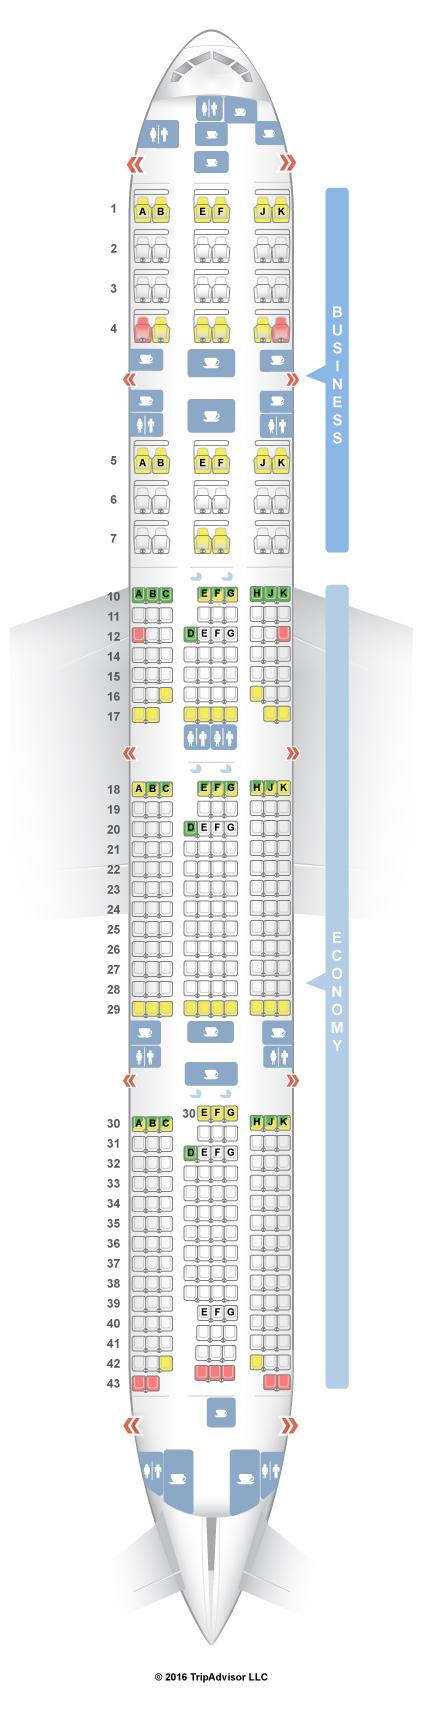 Seatguru seat map qatar airways boeing 777 300er 77w v1 for Plan cabine 777 300er